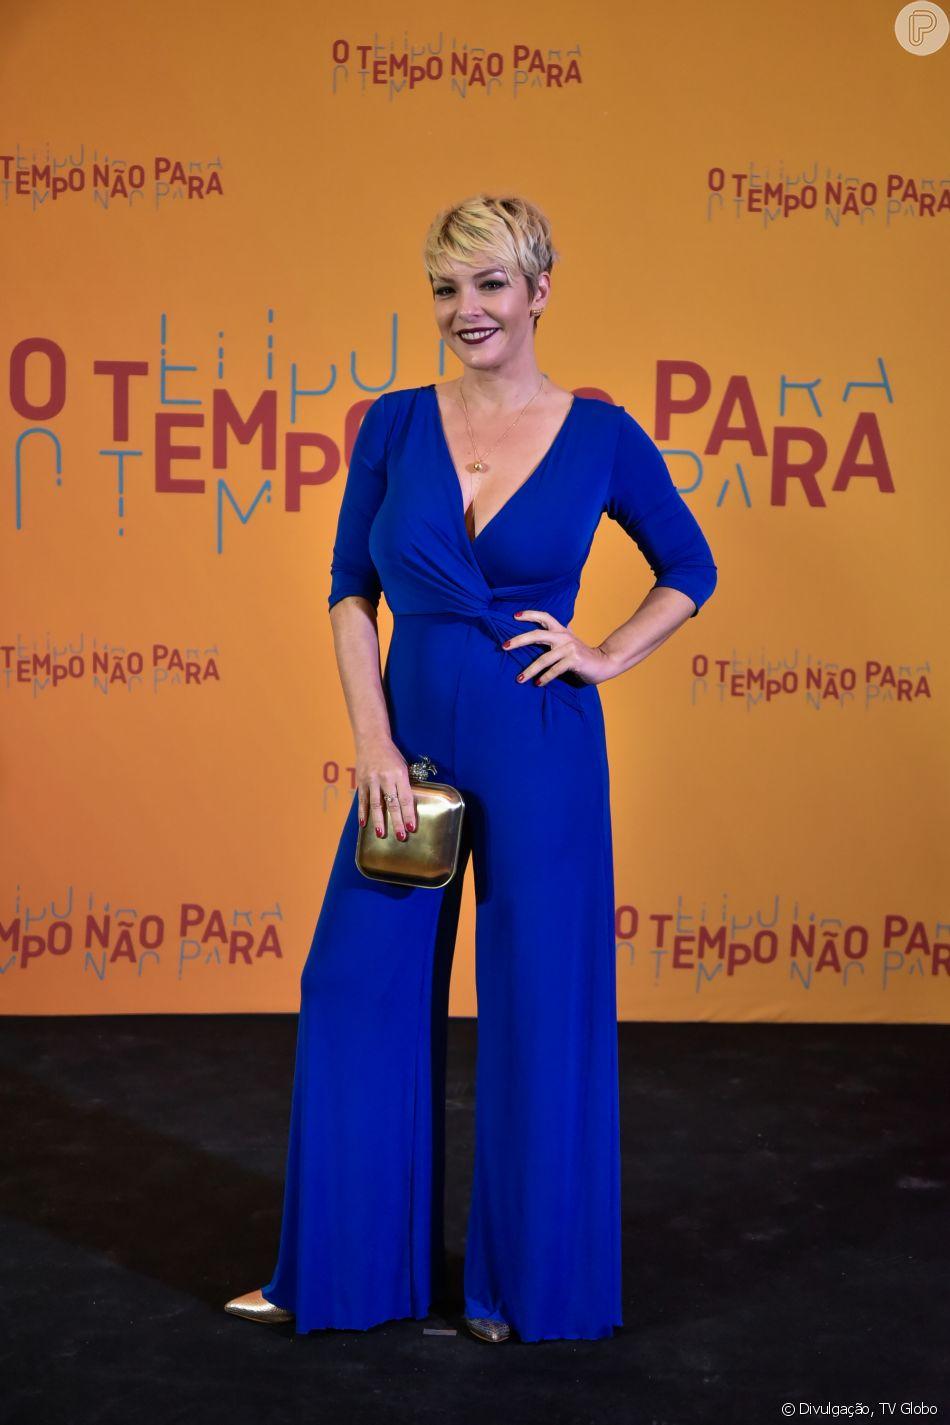 Regiane Alves apostou num macacão azul royal Alphorria e acessórios dourados na festa de lançamento da novela 'O Tempo Não Para', em 16 de julho de 2018